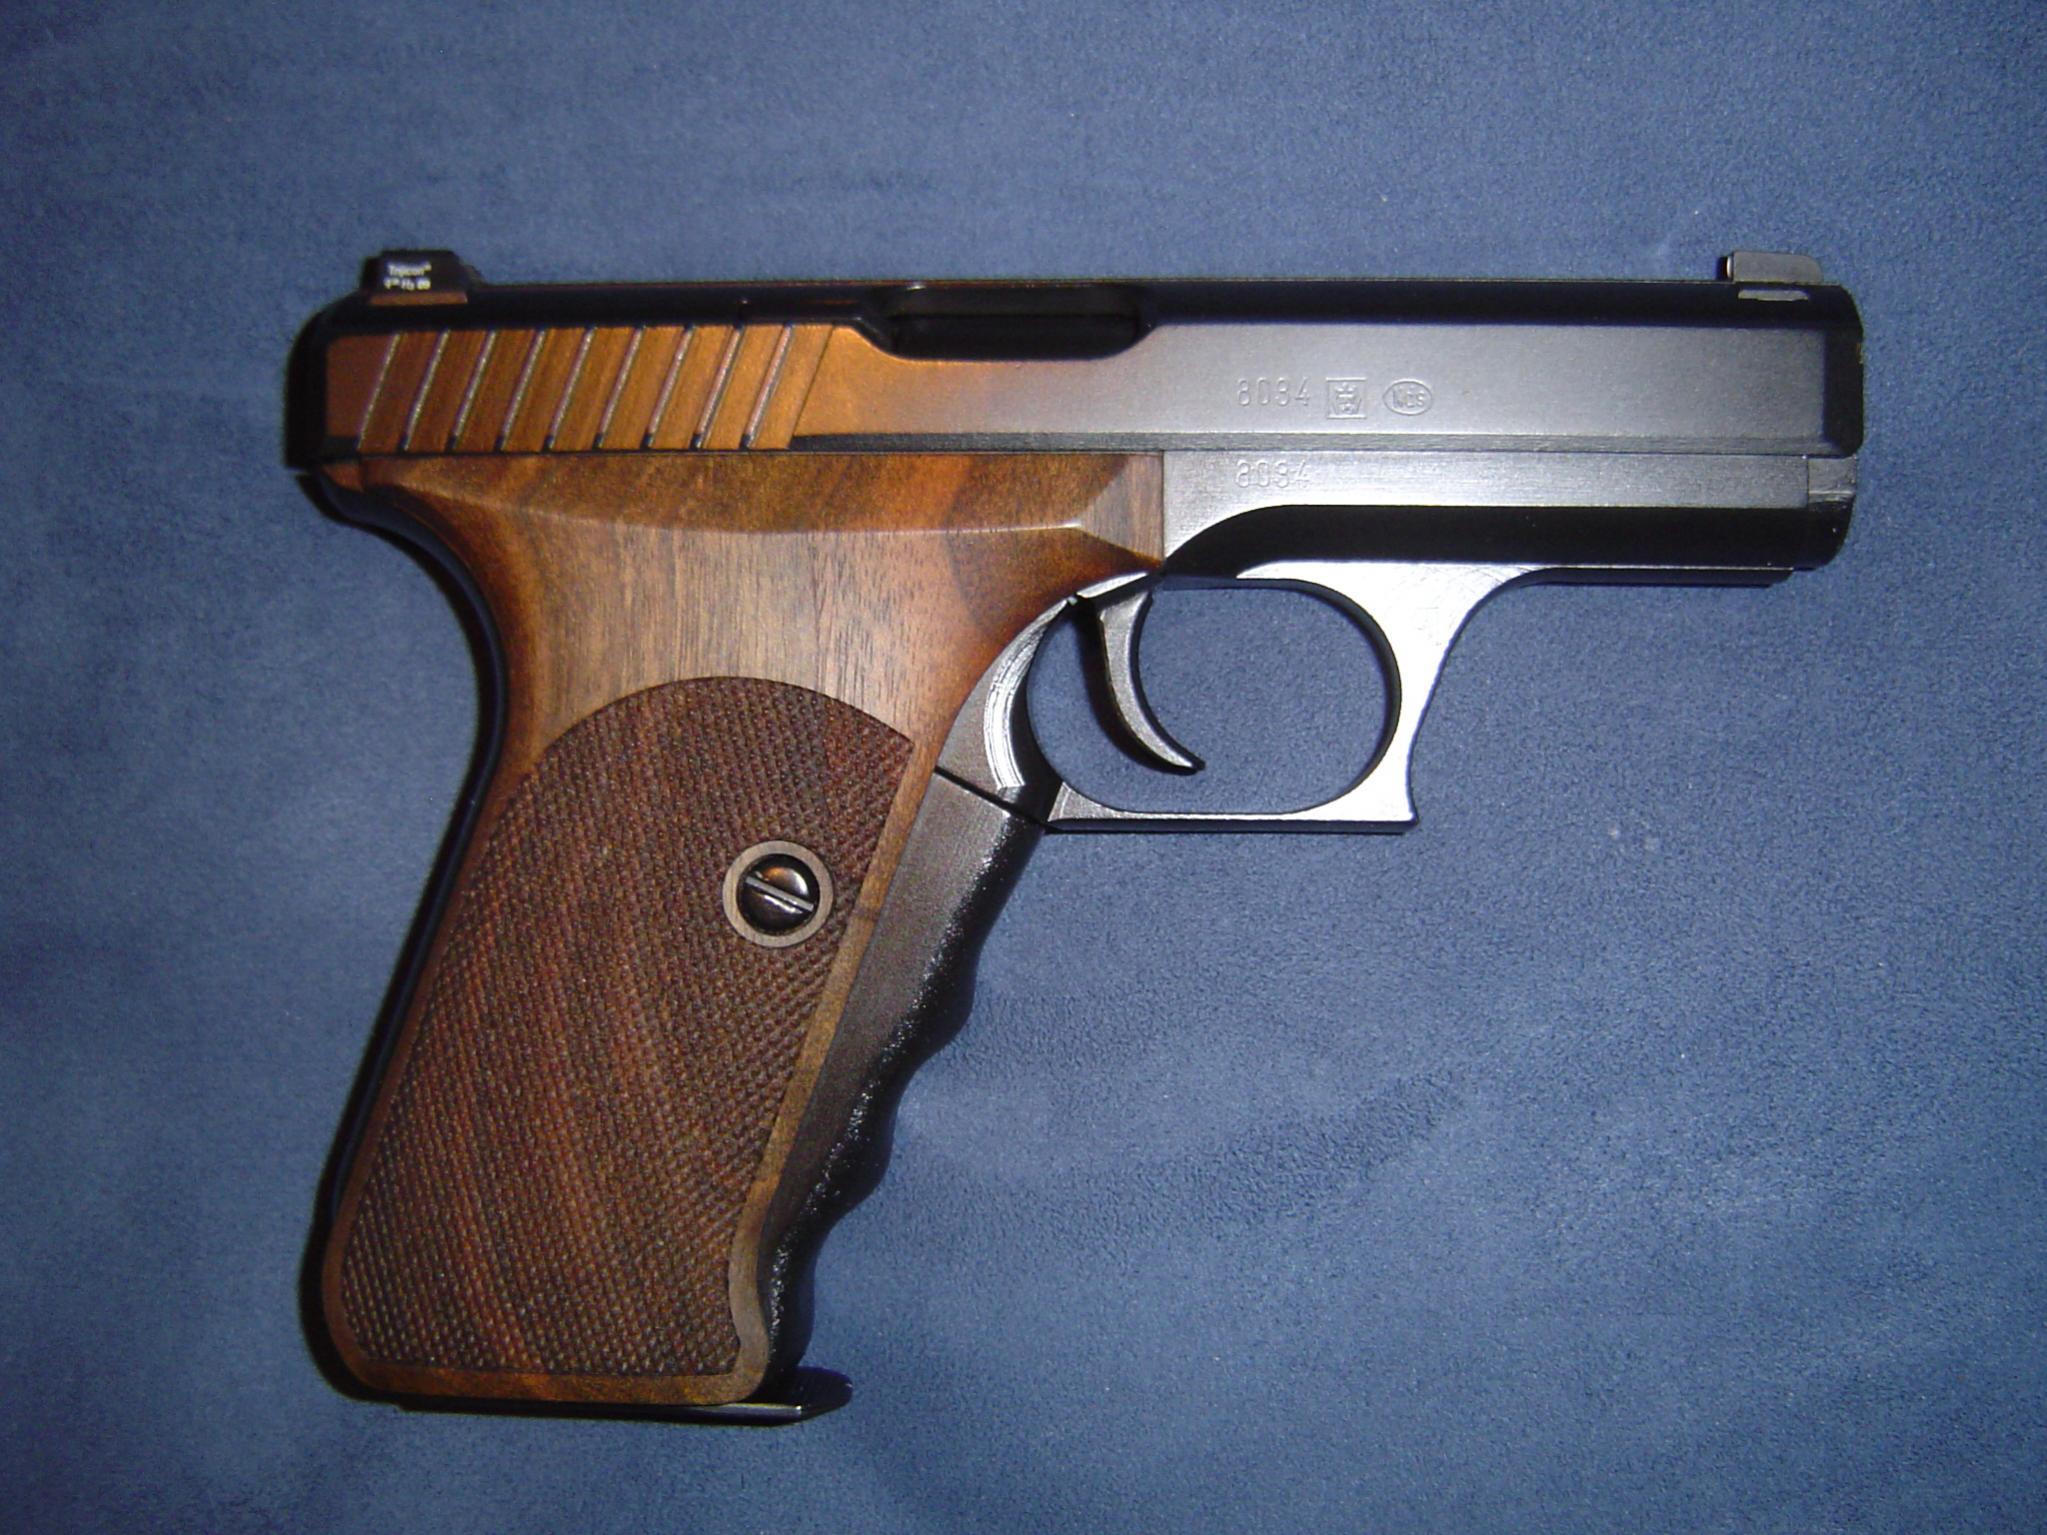 Here is my new carry gun... HK P7 PSP-dsc00129.jpg